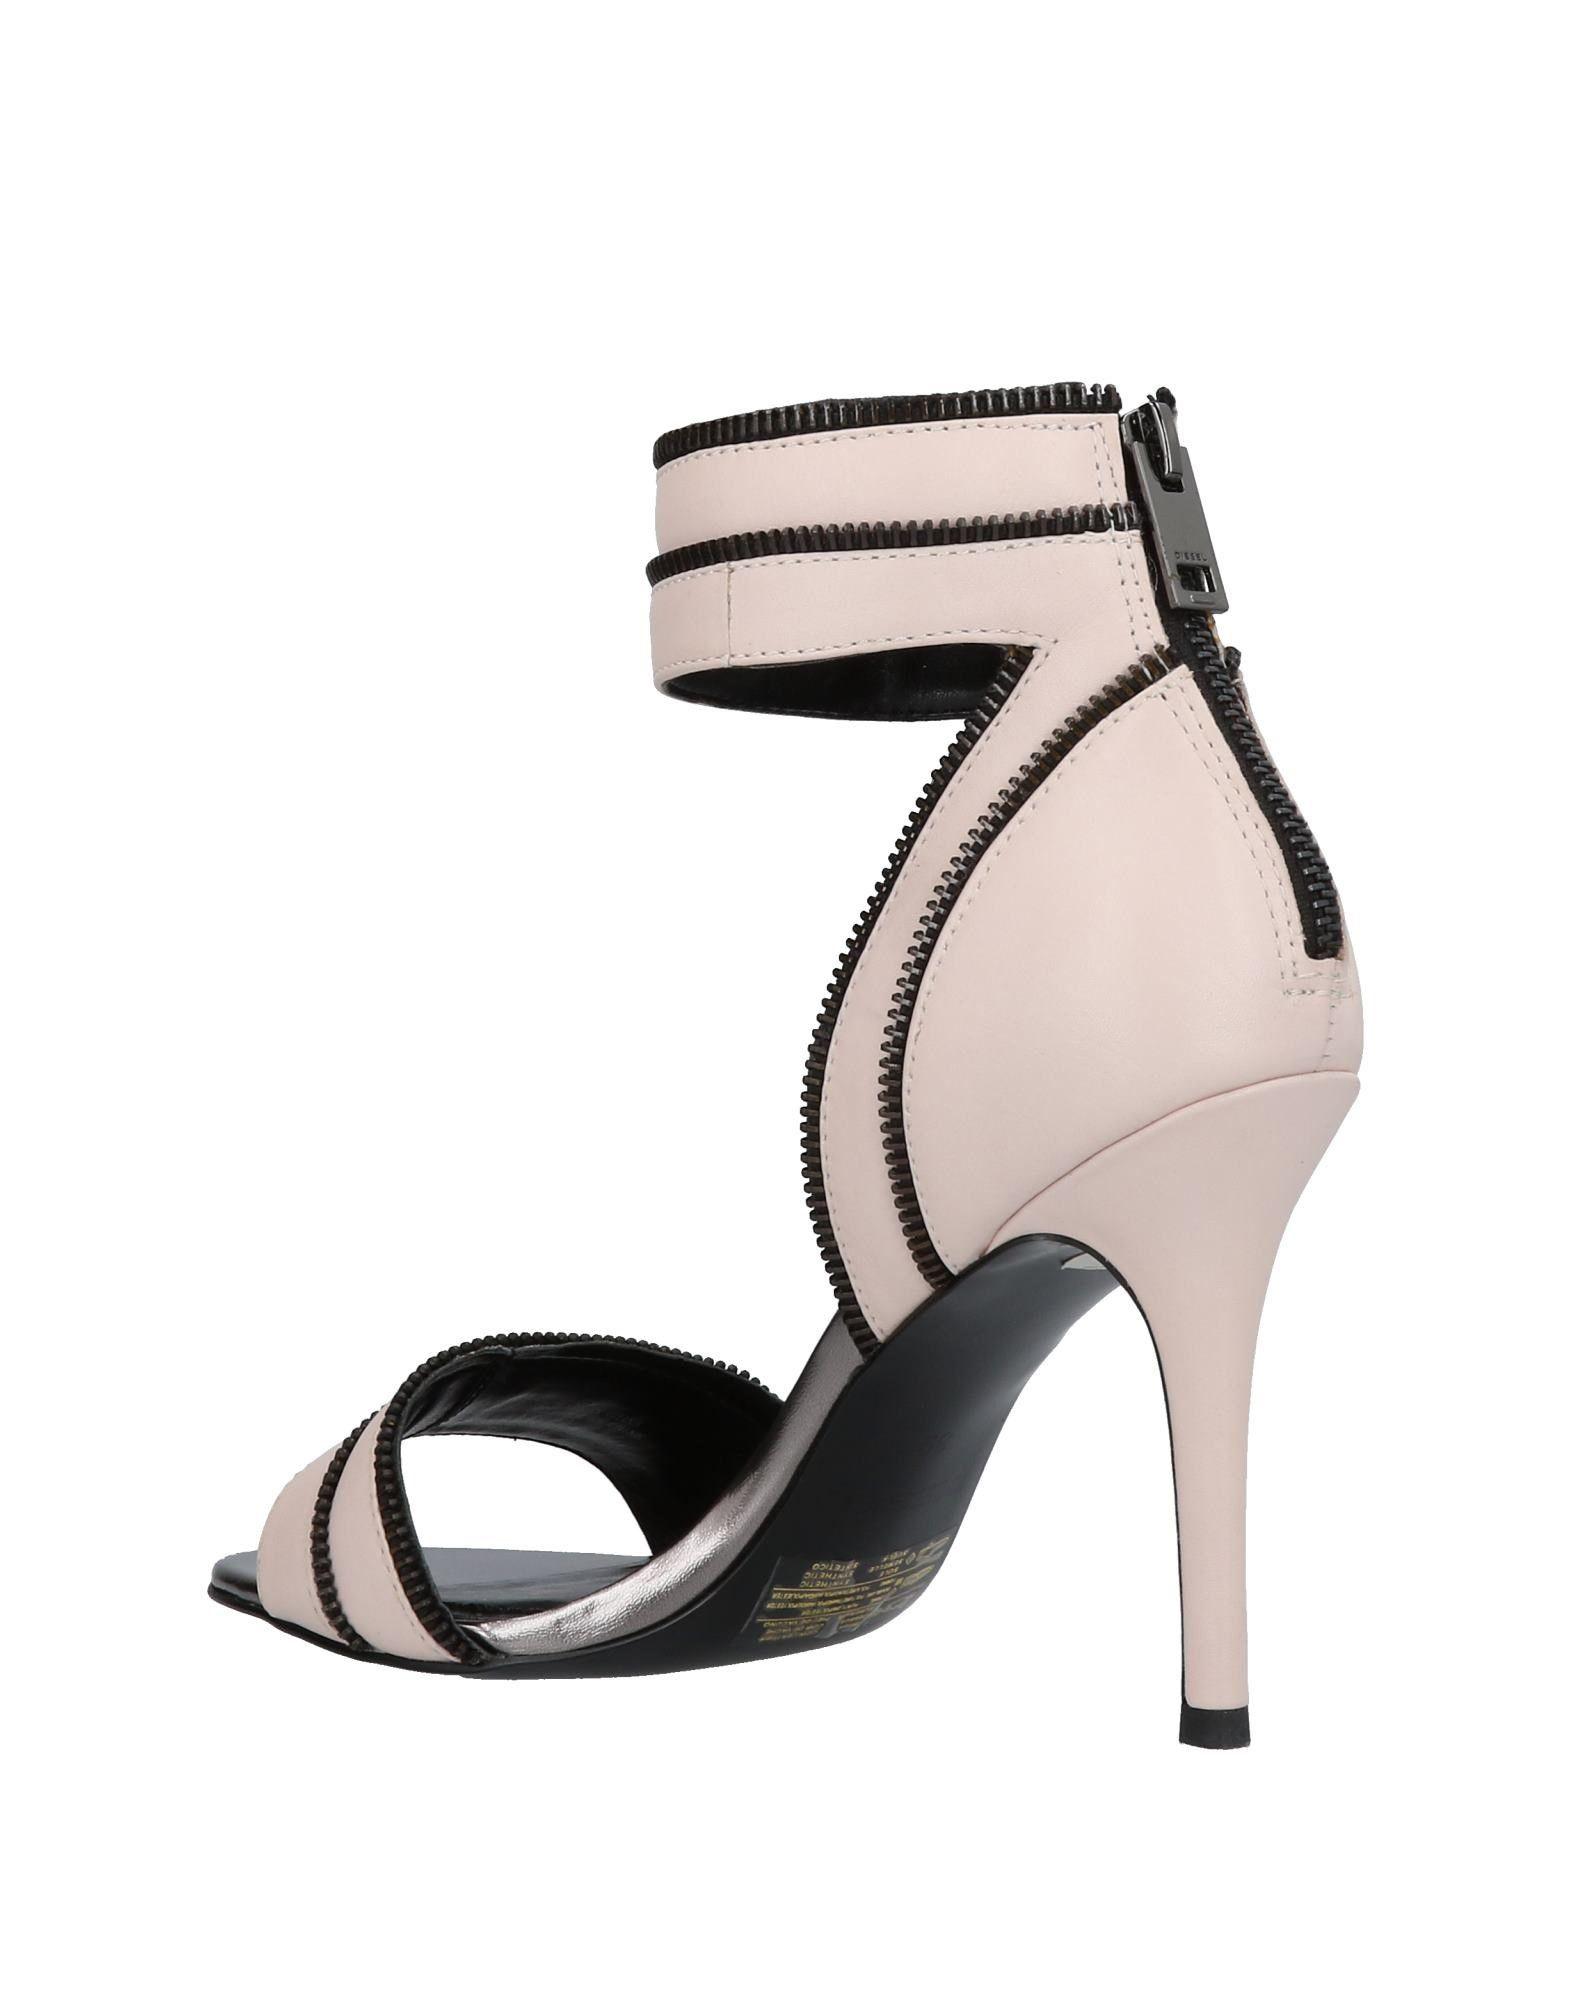 Diesel  Sandalen Damen  Diesel 11423692WB Heiße Schuhe 2cbb93